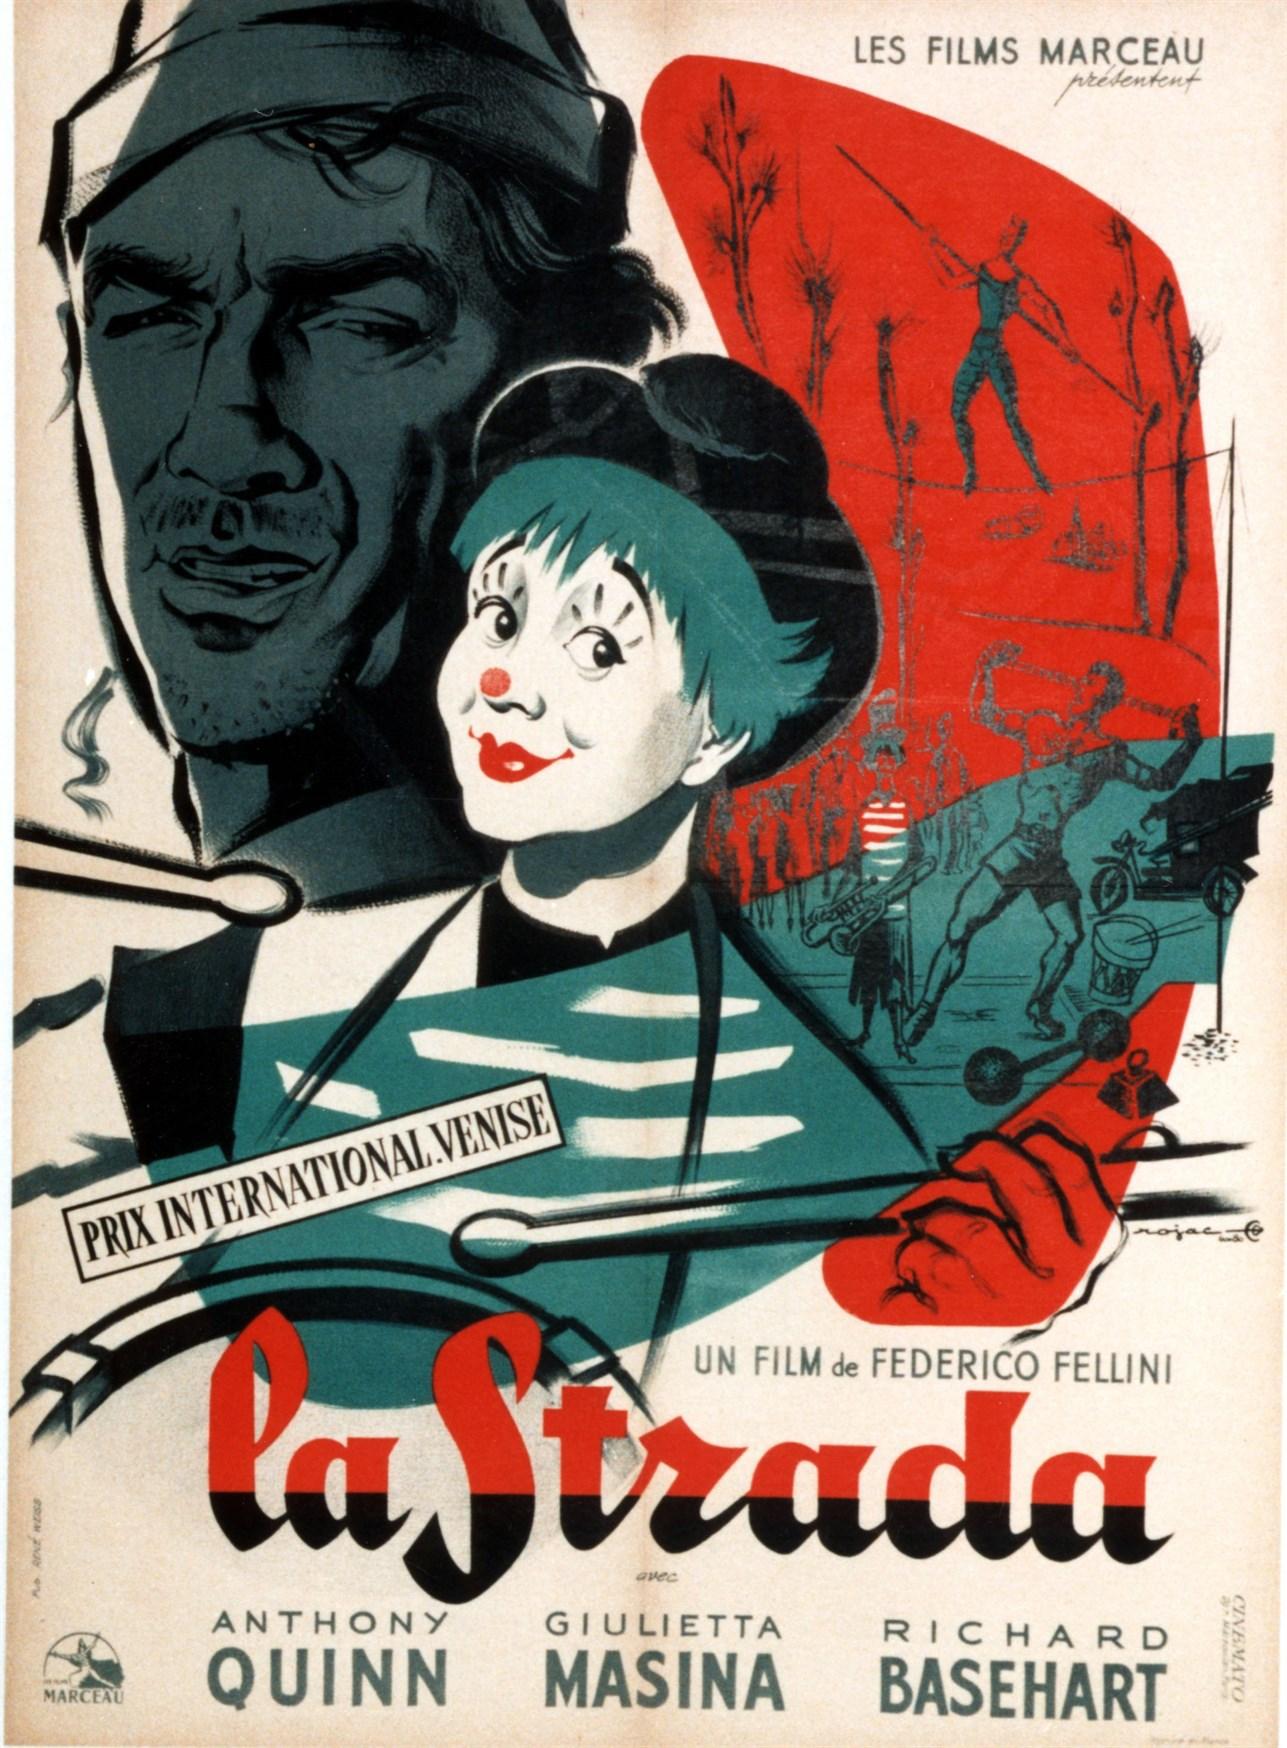 Anthony Quinn and Giulietta Masina in La strada (1954)